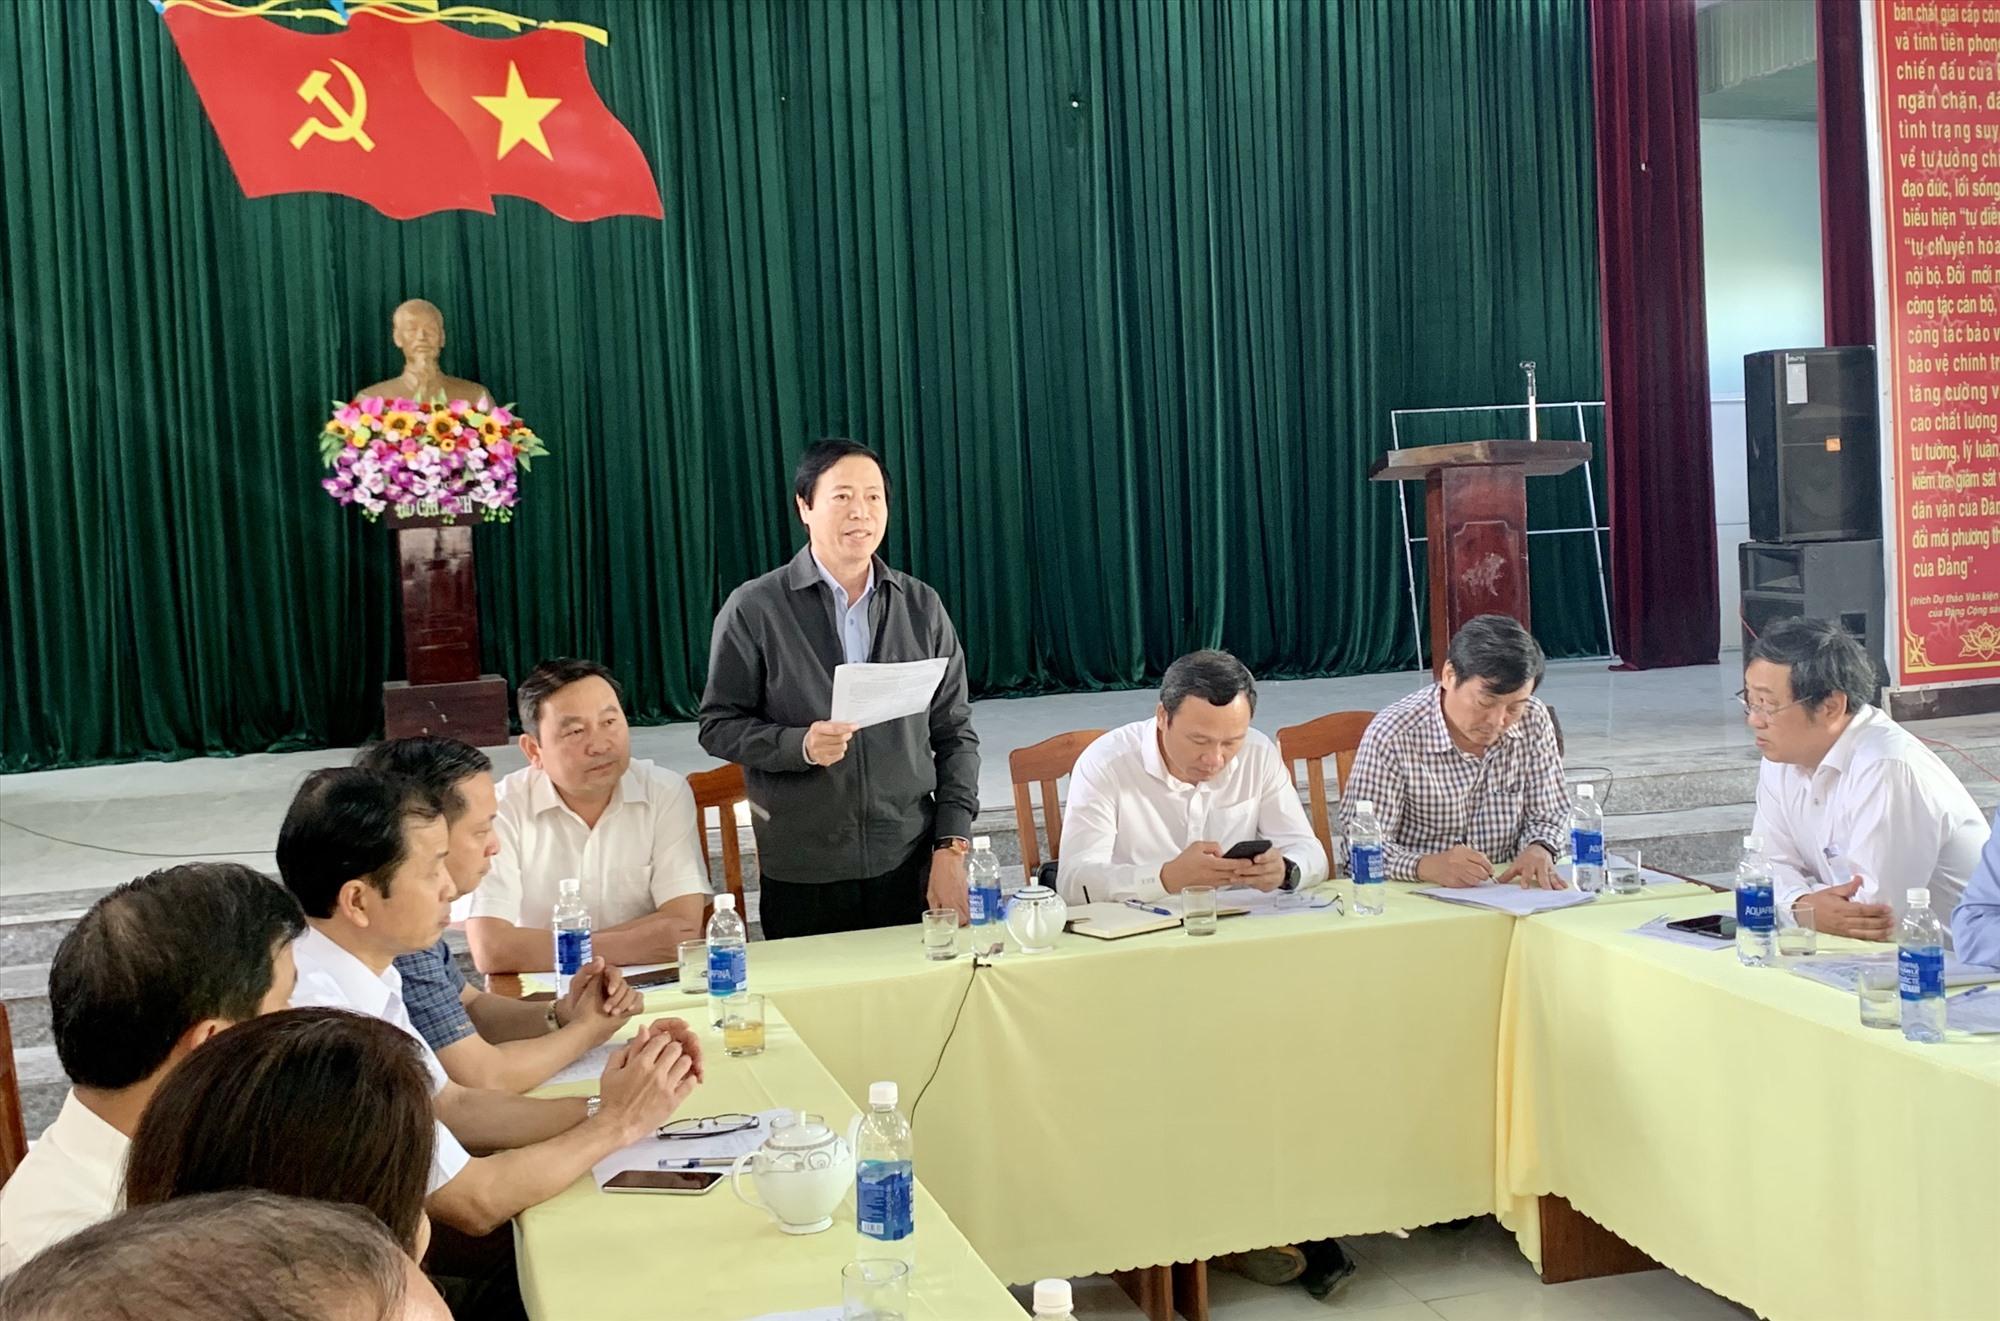 Ông Huỳnh Tấn Triều - Giám đốc Sở LĐ-TB&XH tỉnh cho rằng việc cần làm trước mắt là tập trung thăm viếng, động viên gia đình các nạn nhân. Ảnh: Nhóm P.V